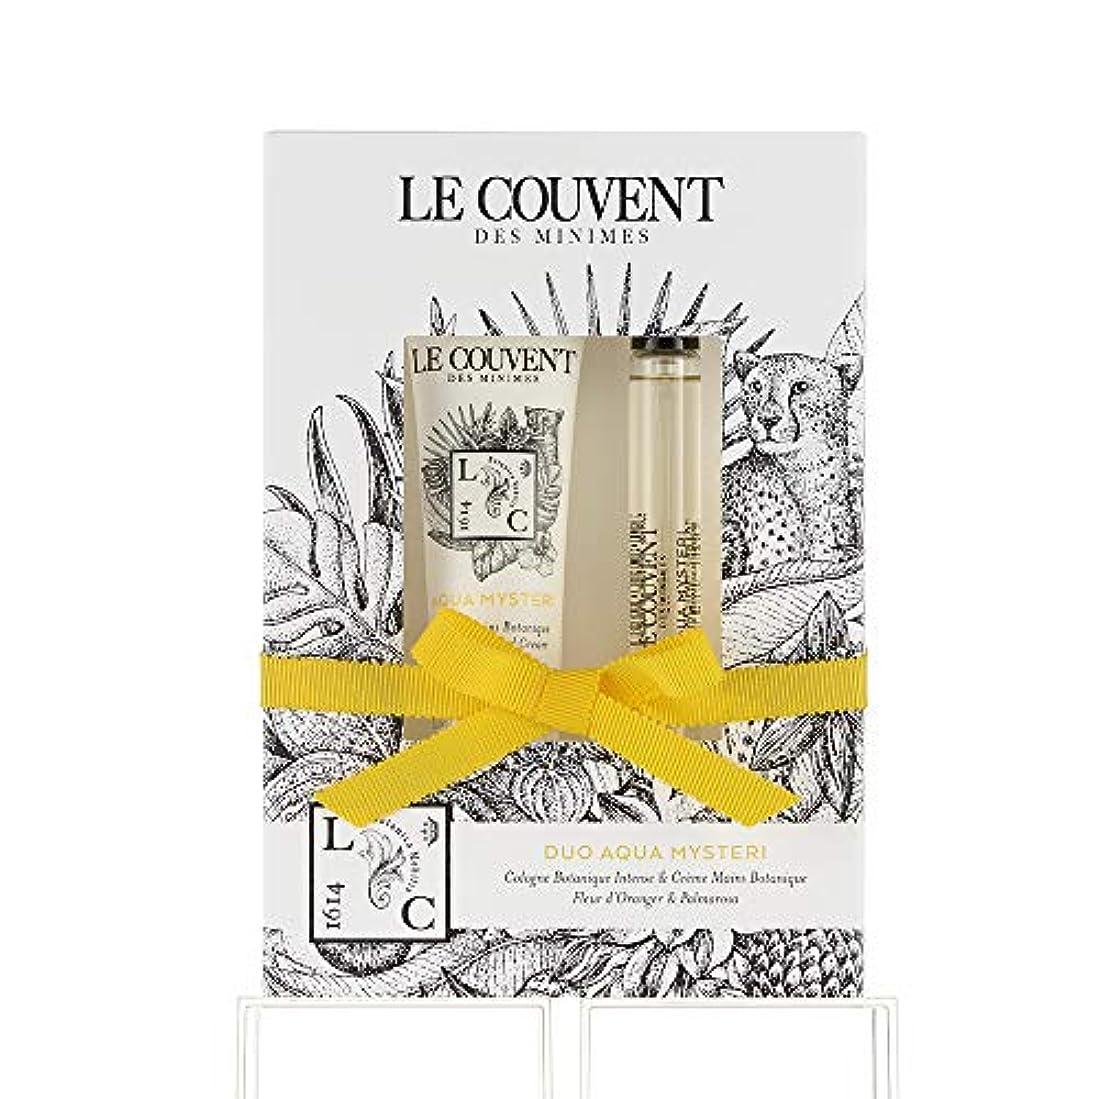 借りている鎮静剤ジョセフバンクスクヴォン?デ?ミニム(Le Couvent des Minimes) ボタニカルデュオ ボタニカルコロン アクアミステリ10mL×1、アクアミステリ ハンドクリーム30g×1